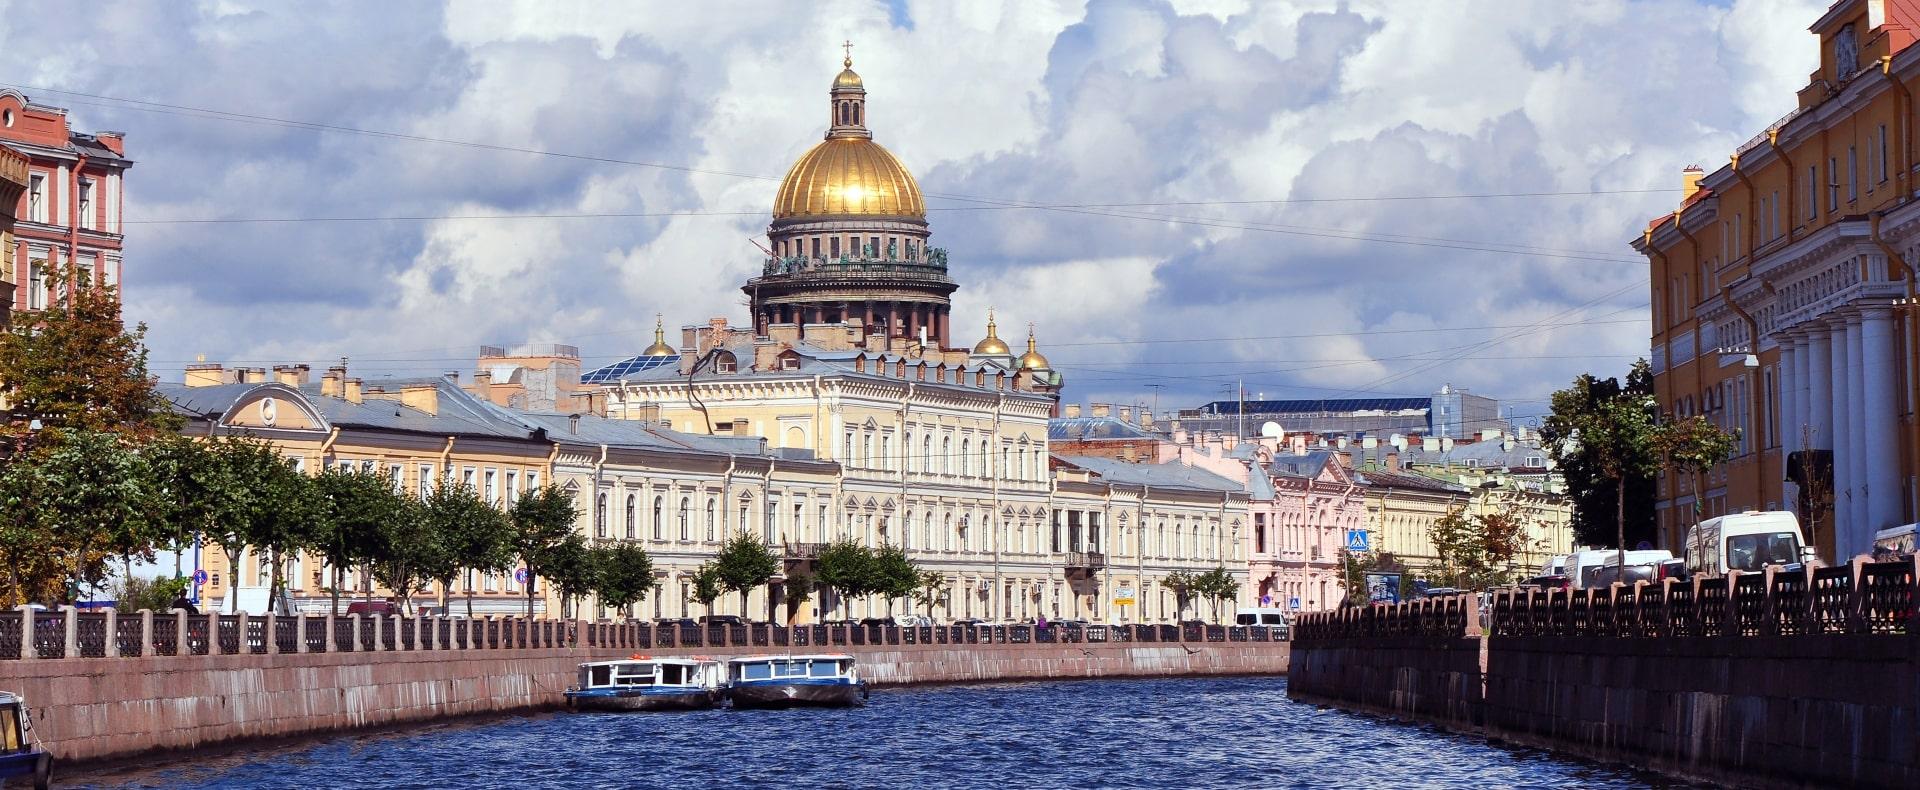 Sightseeing Saint Petersburg